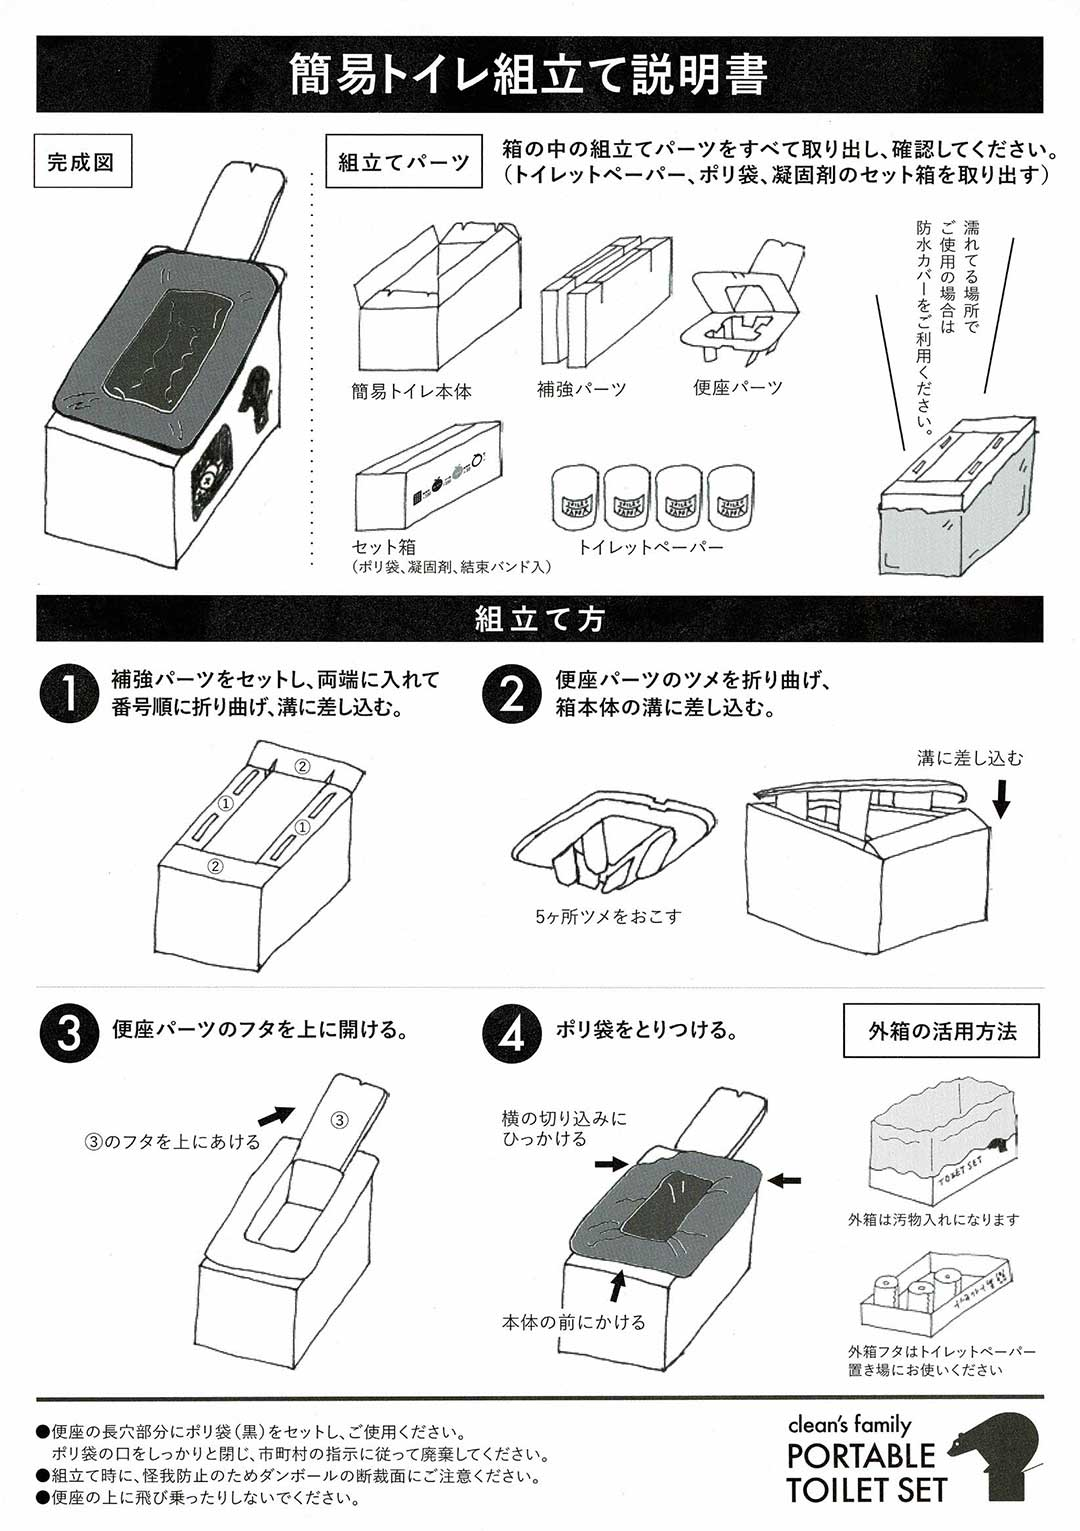 簡易トイレ組立て説明書